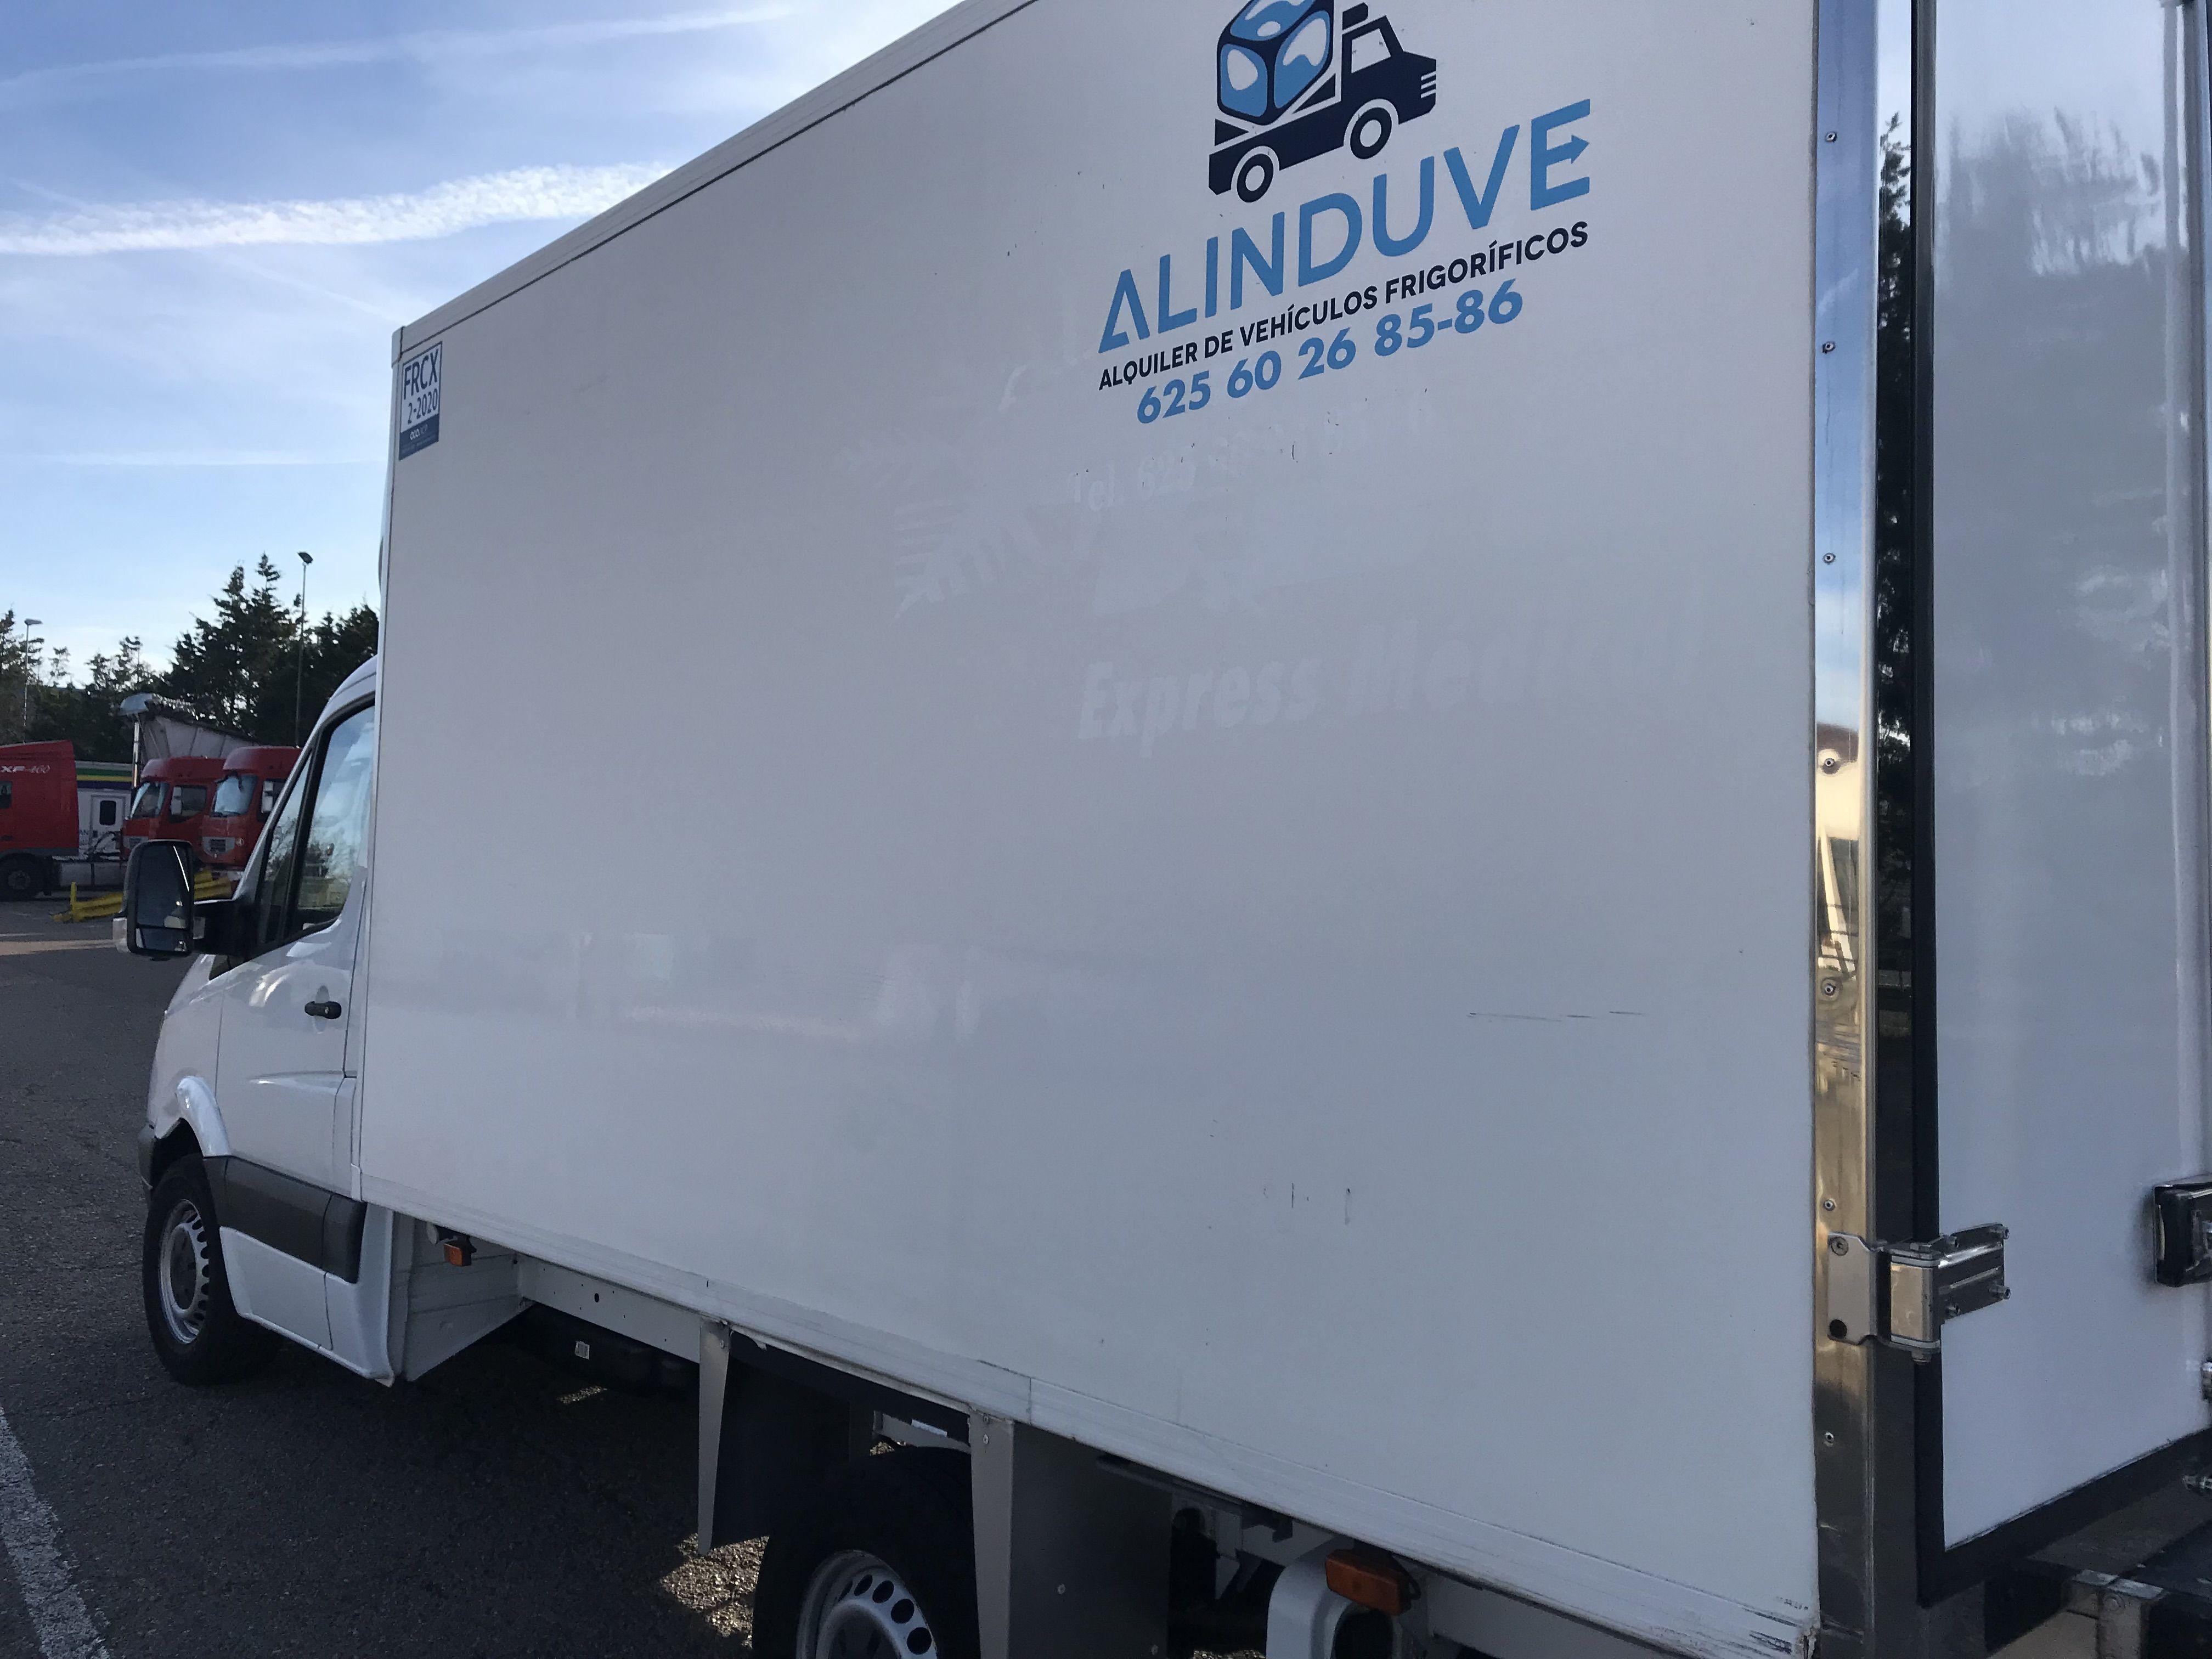 Vehículos de 20 metros cúbicos: Alquiler de vehículos de Alinduve